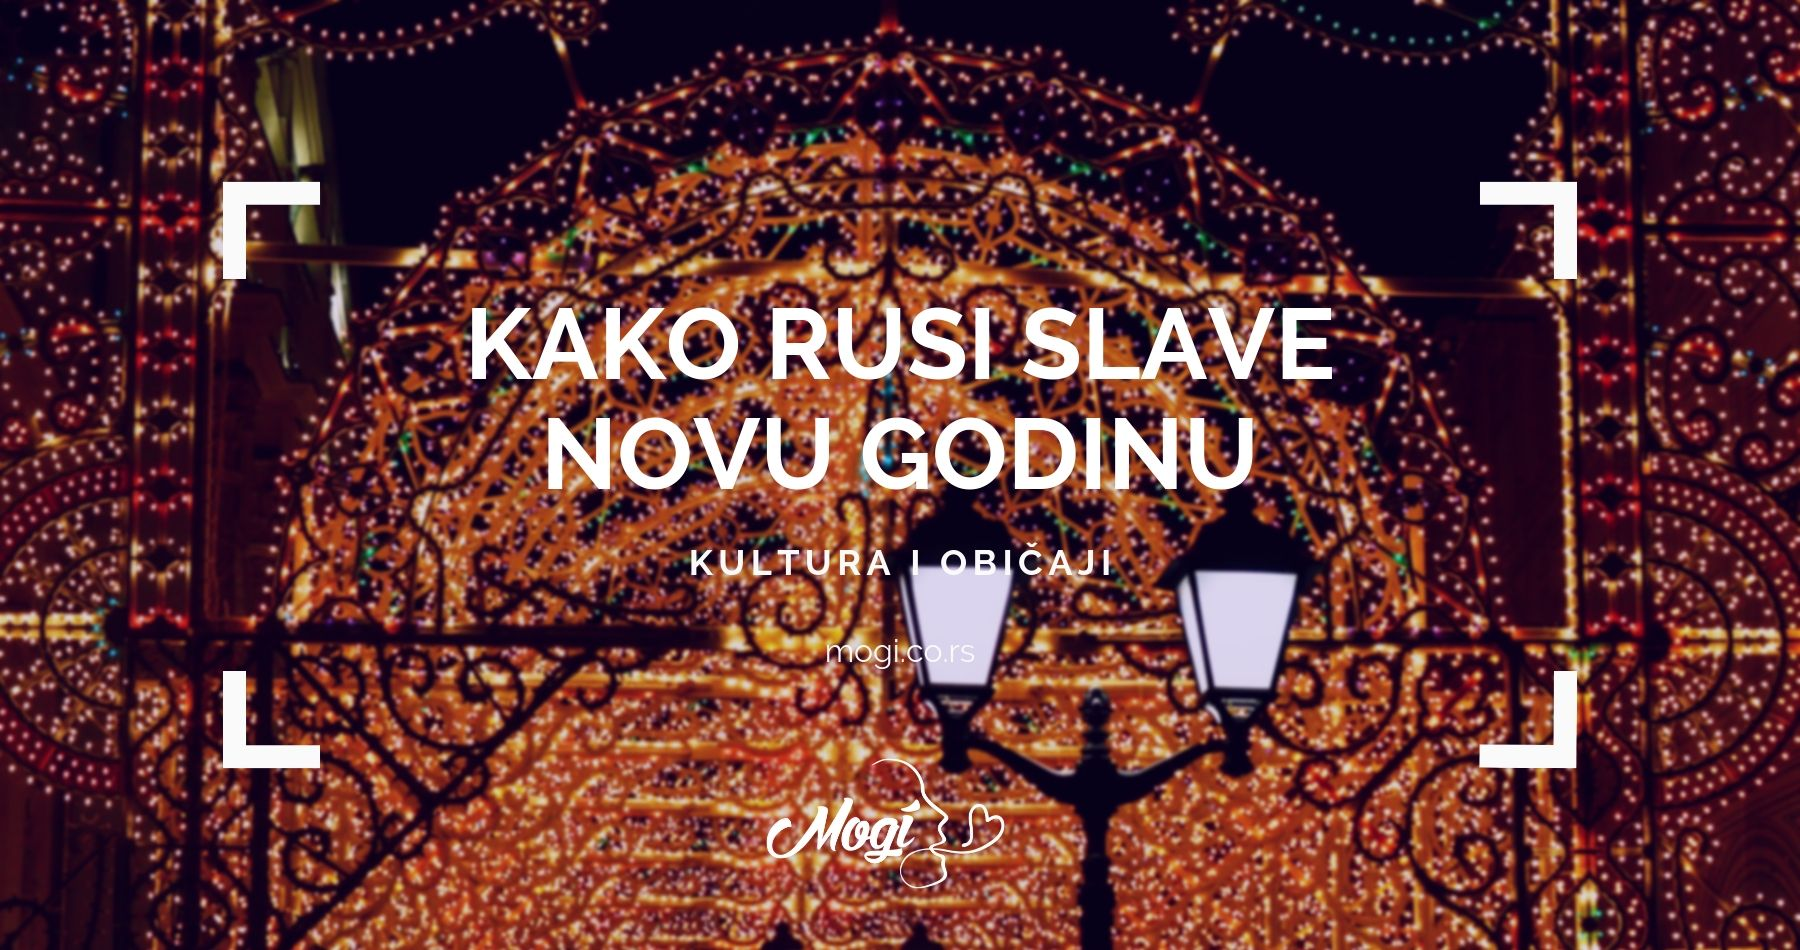 Proslava Nove Godine u Rusiji, foto sa bloga škole za strane jezike Mogi Beograd